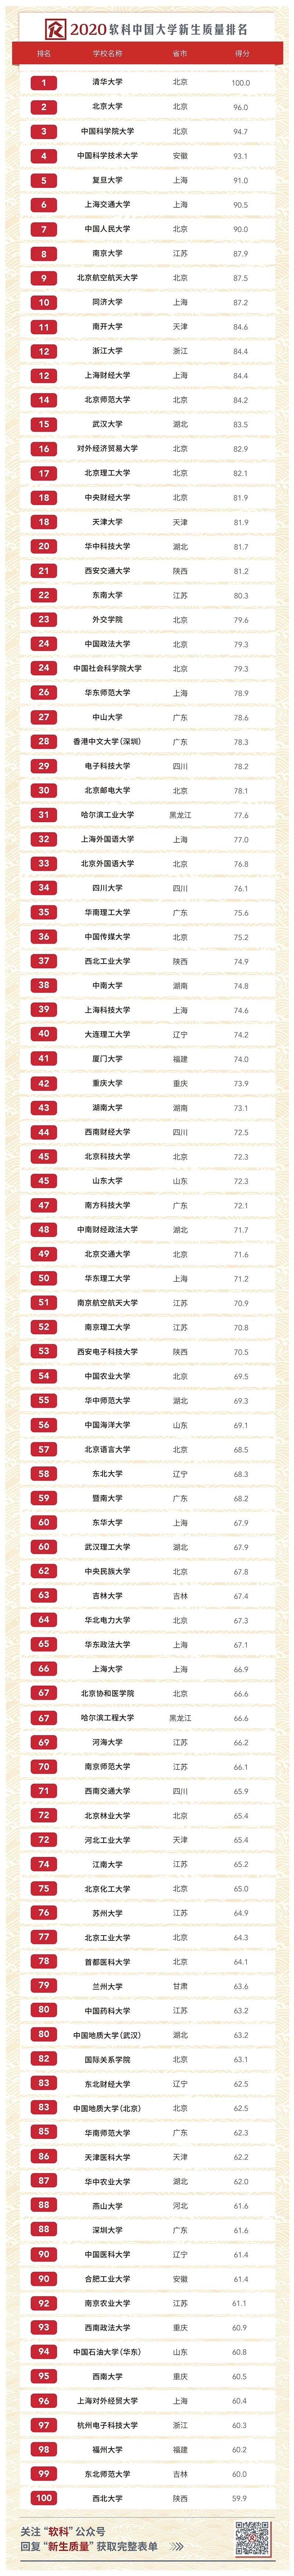 赢咖3官网:0中国大赢咖3官网学新生质量排名出炉图片